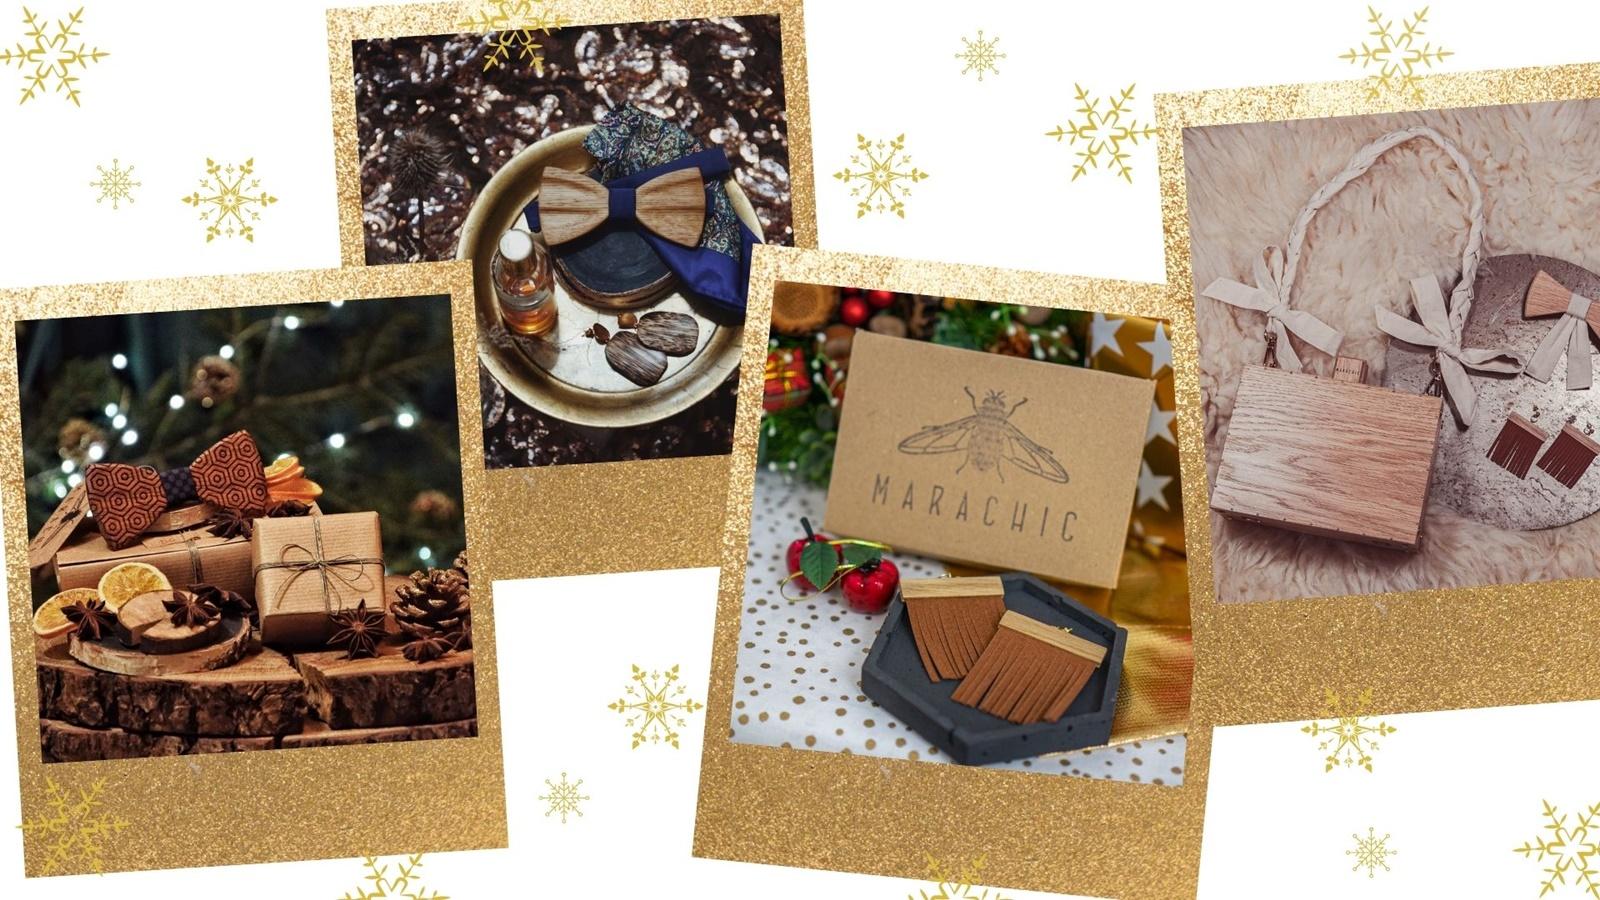 1 ręcznie robione torebki drewniane paski z grupą krwi personalizowana biżuteria handmade pomysł inspiracje na prezent na gwiazdkę marachic nietypowe prezenty na gwiazdkę